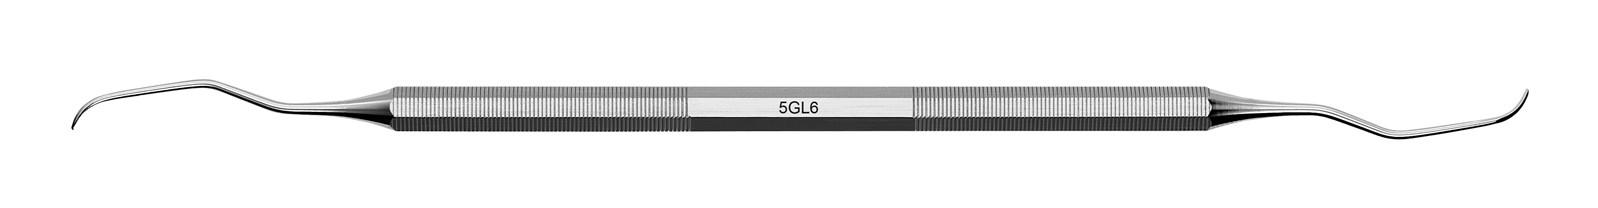 Kyreta Gracey Deep - 5GL6, ADEP světle zelený